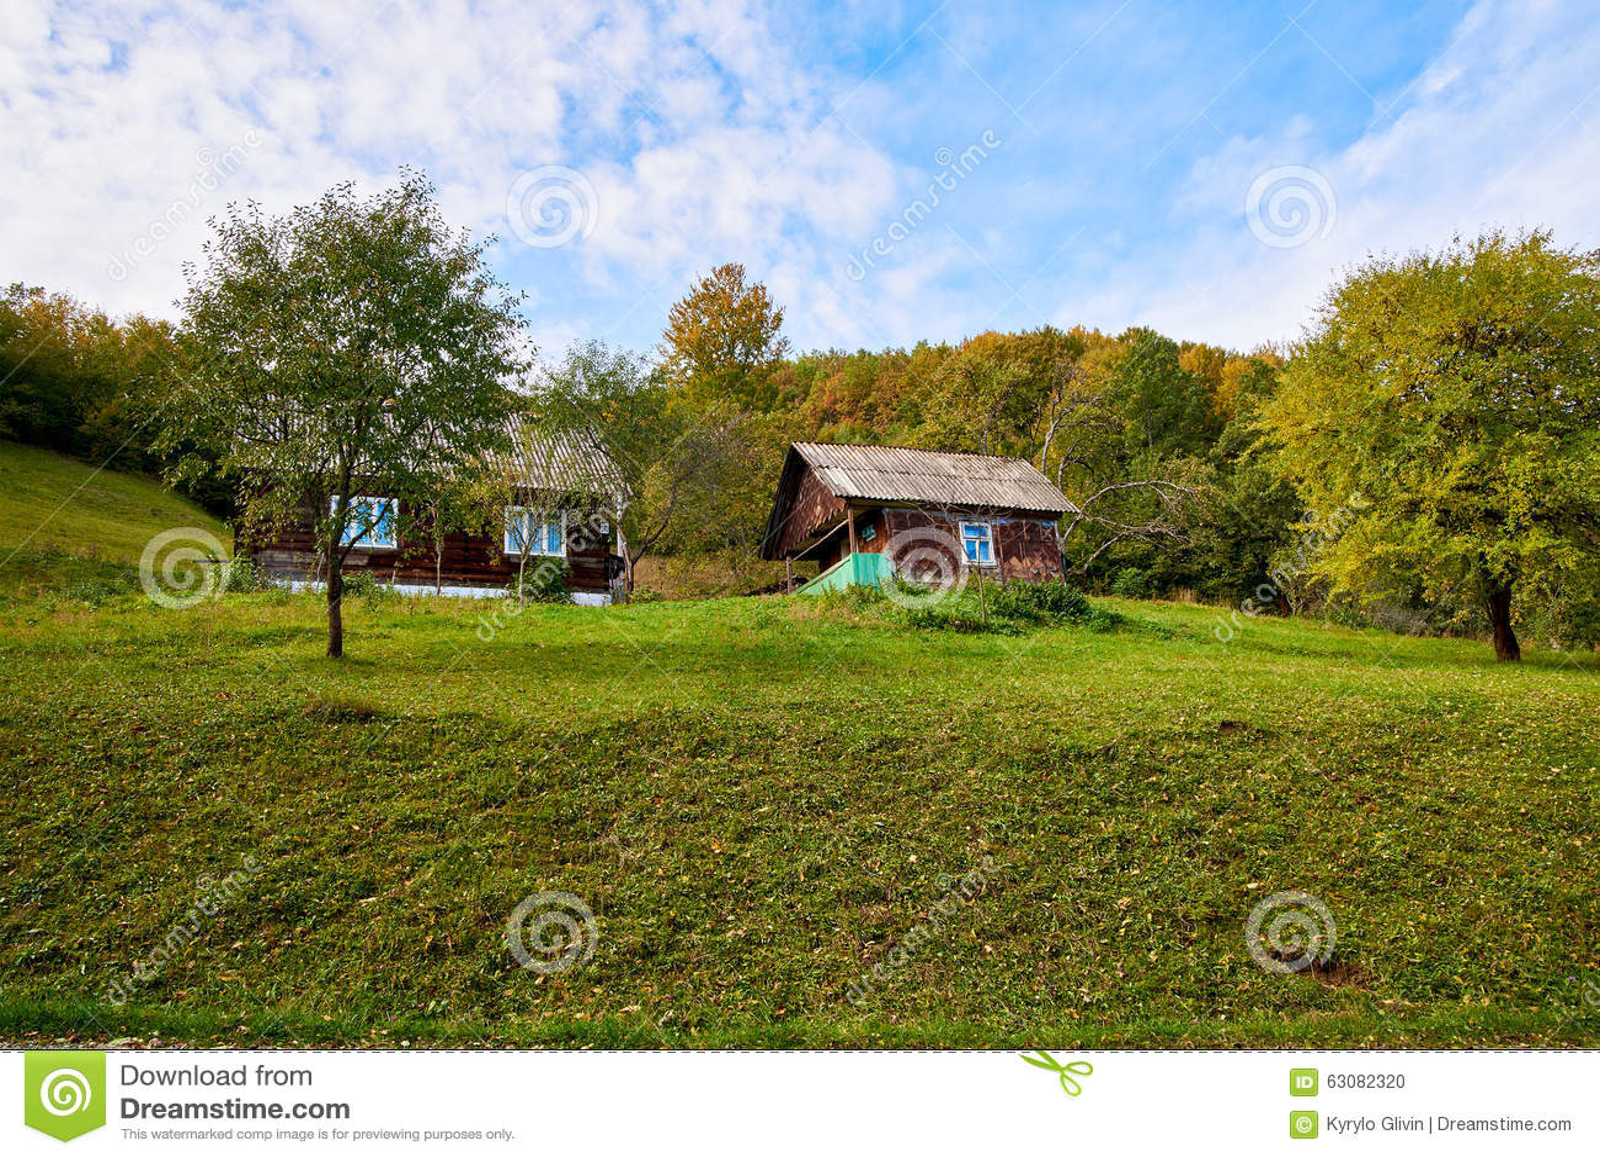 Download Paysage De Village De Pays De Montagne Avec Les Nuages Et Le Ciel Bleu Photo stock - Image du hausse, alpestre: 63082320